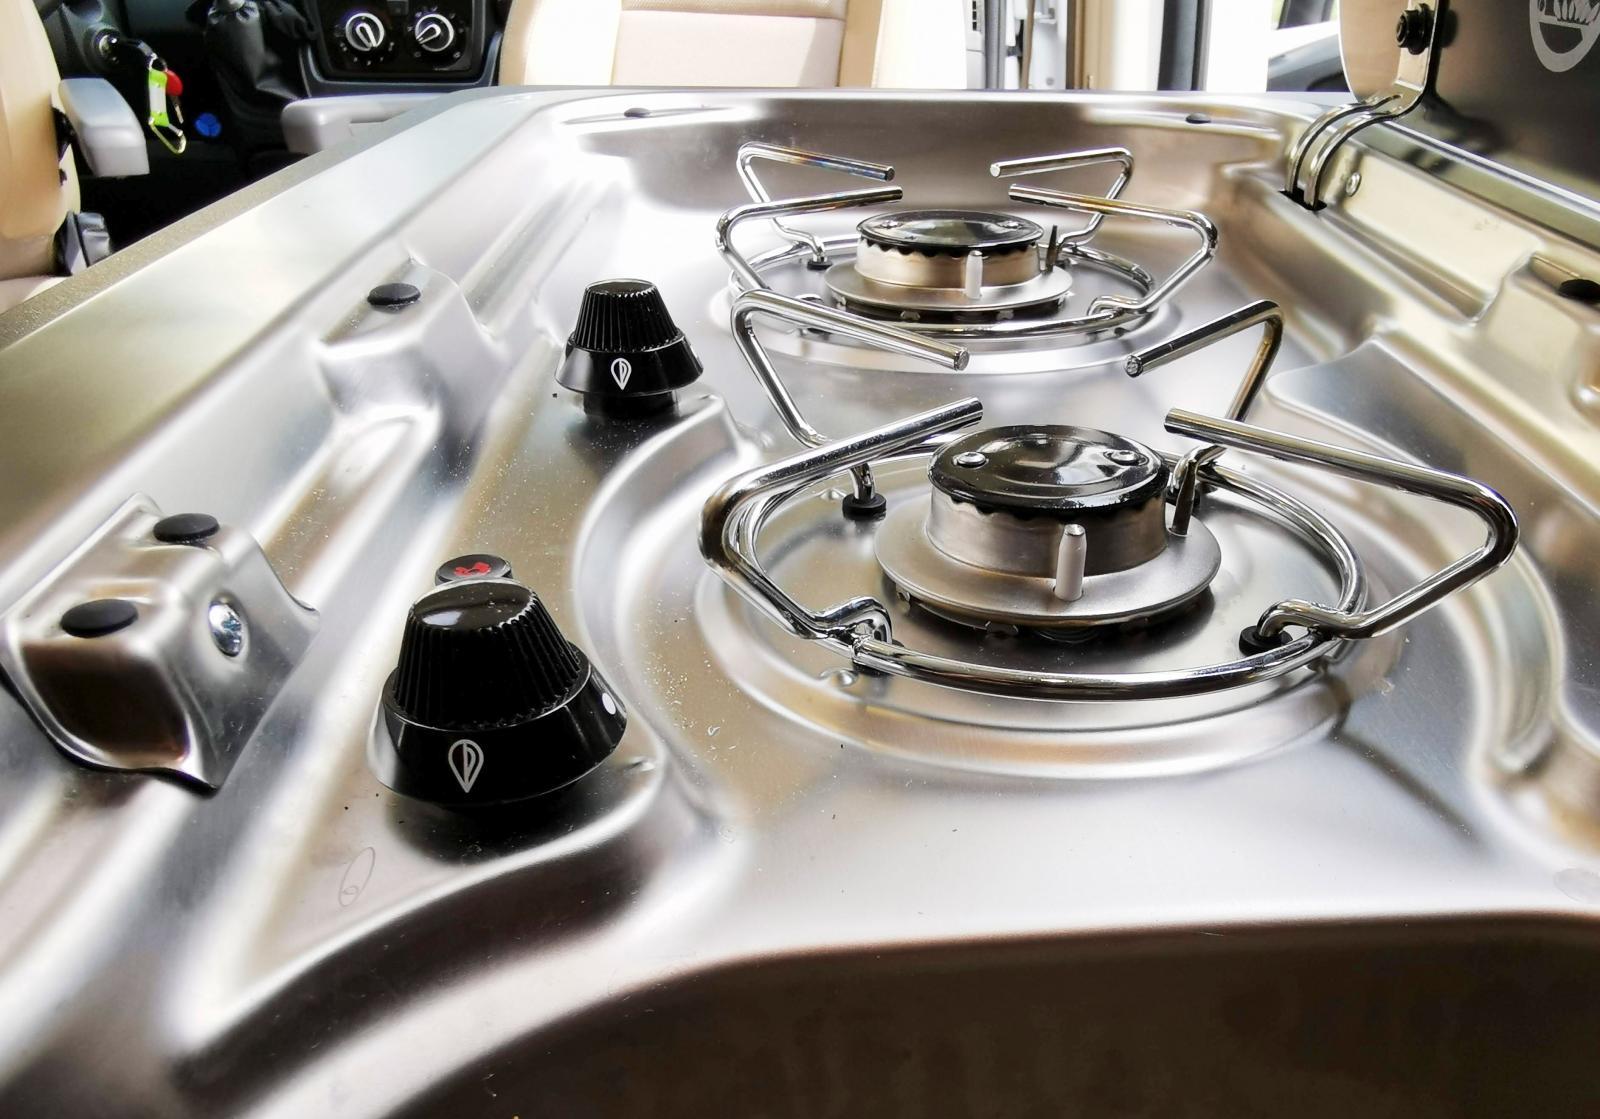 Köket med tvålågig spis i samma enhet som diskhon.